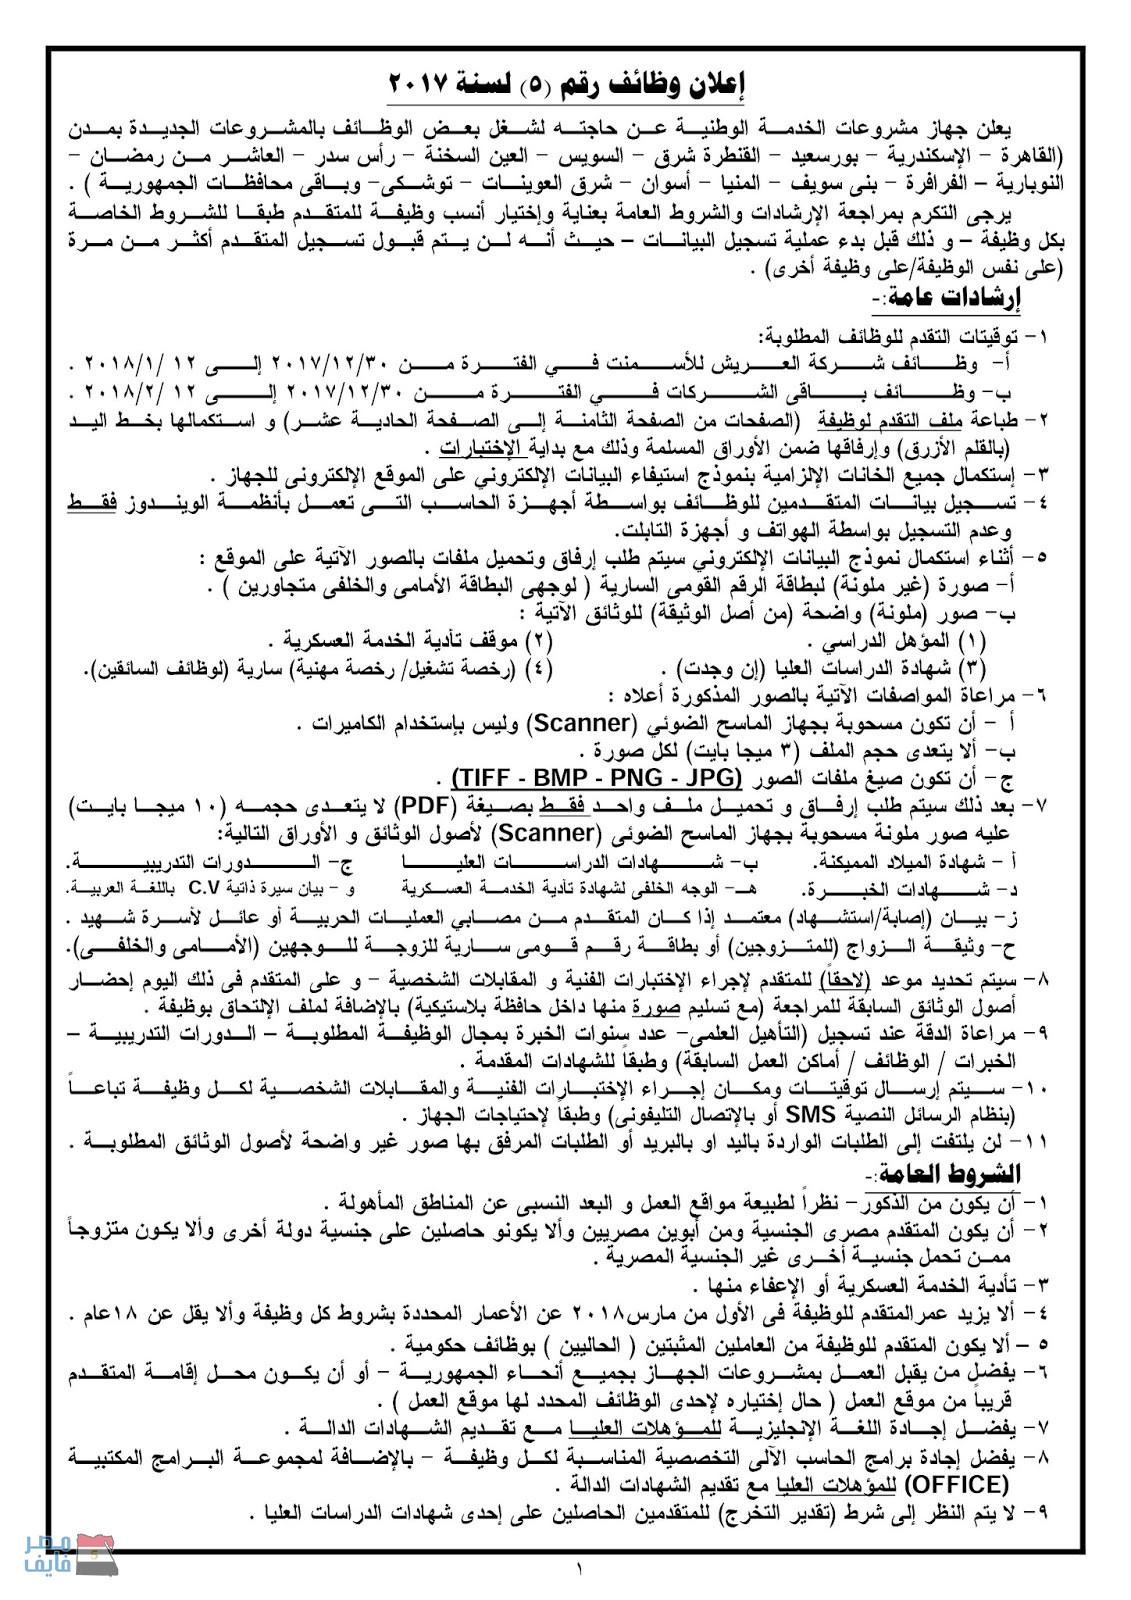 وظائف وزارة الدفاع في عدد من المحافظات لجميع المؤهلات العلمية والتقديم حتى 12 فبراير 1